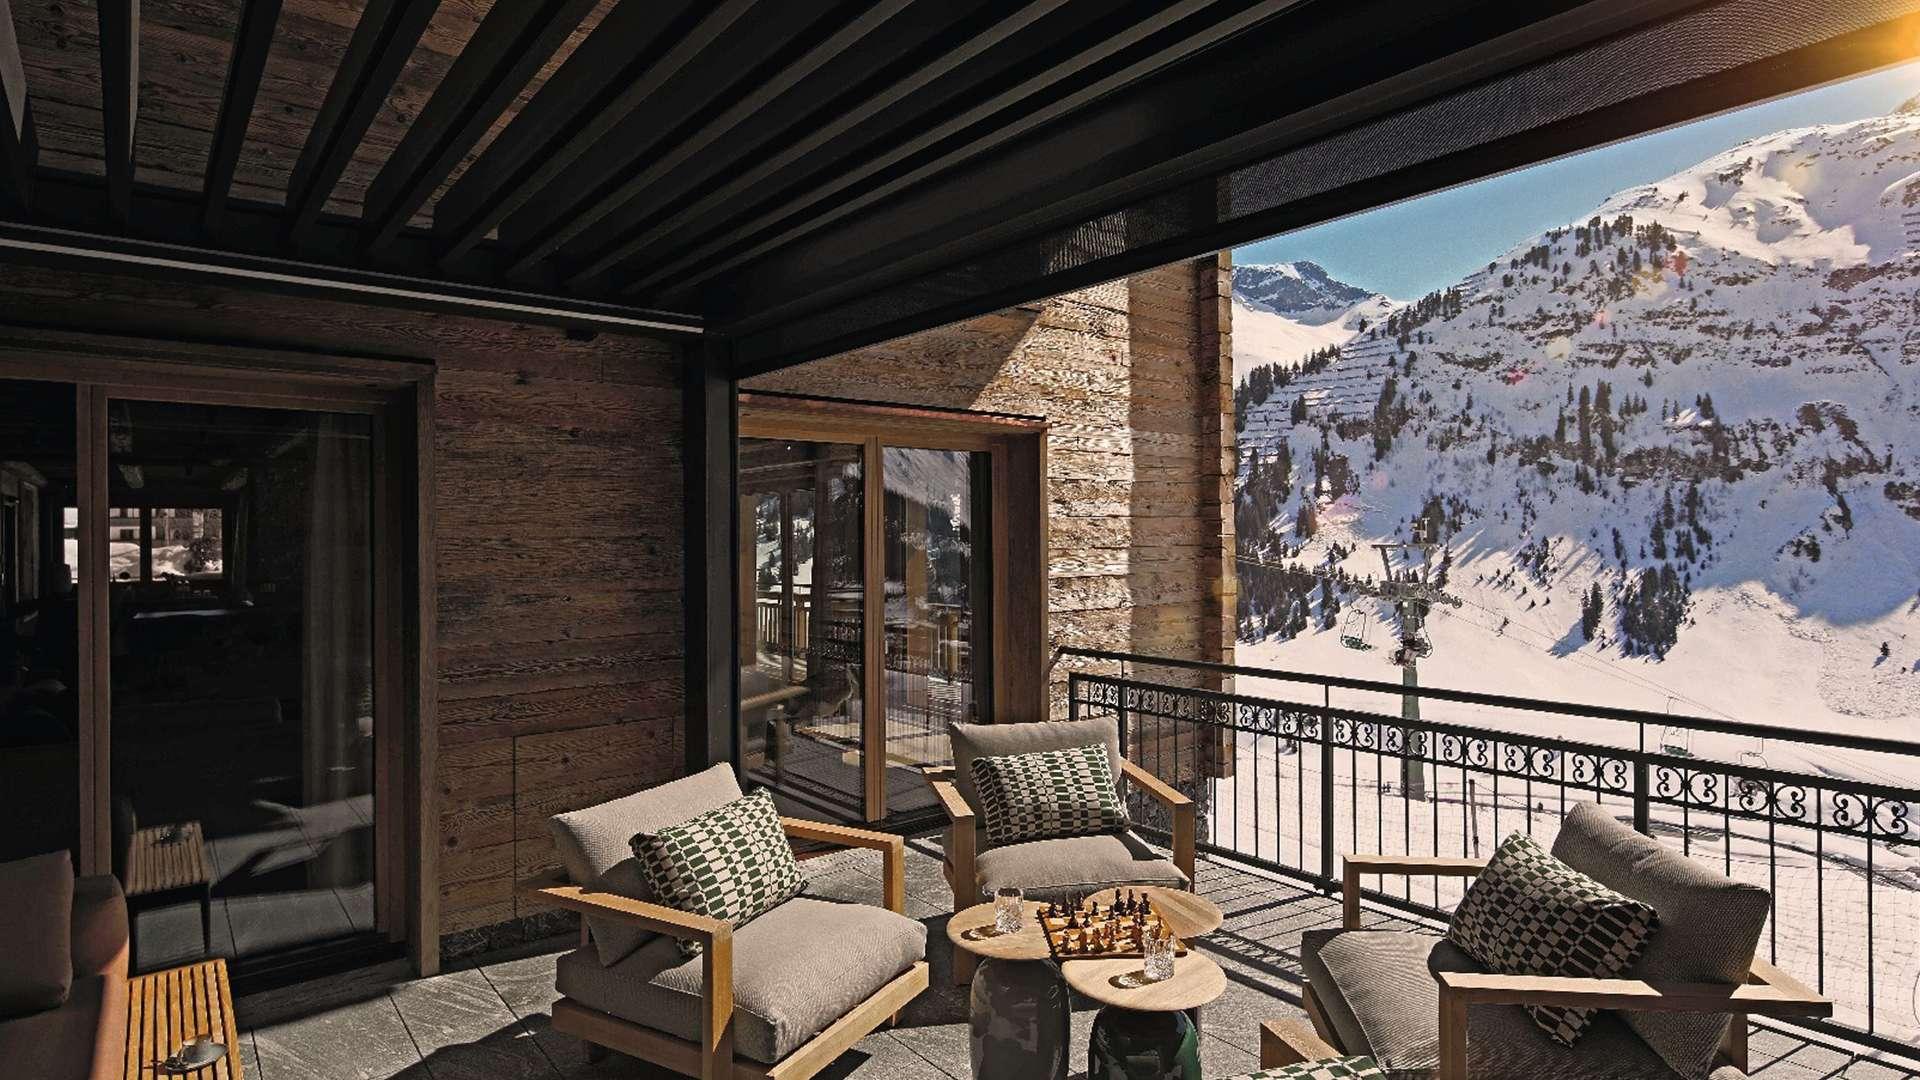 Lamellendach mit Sitzmöbeln darunter und Blick in den Schnee